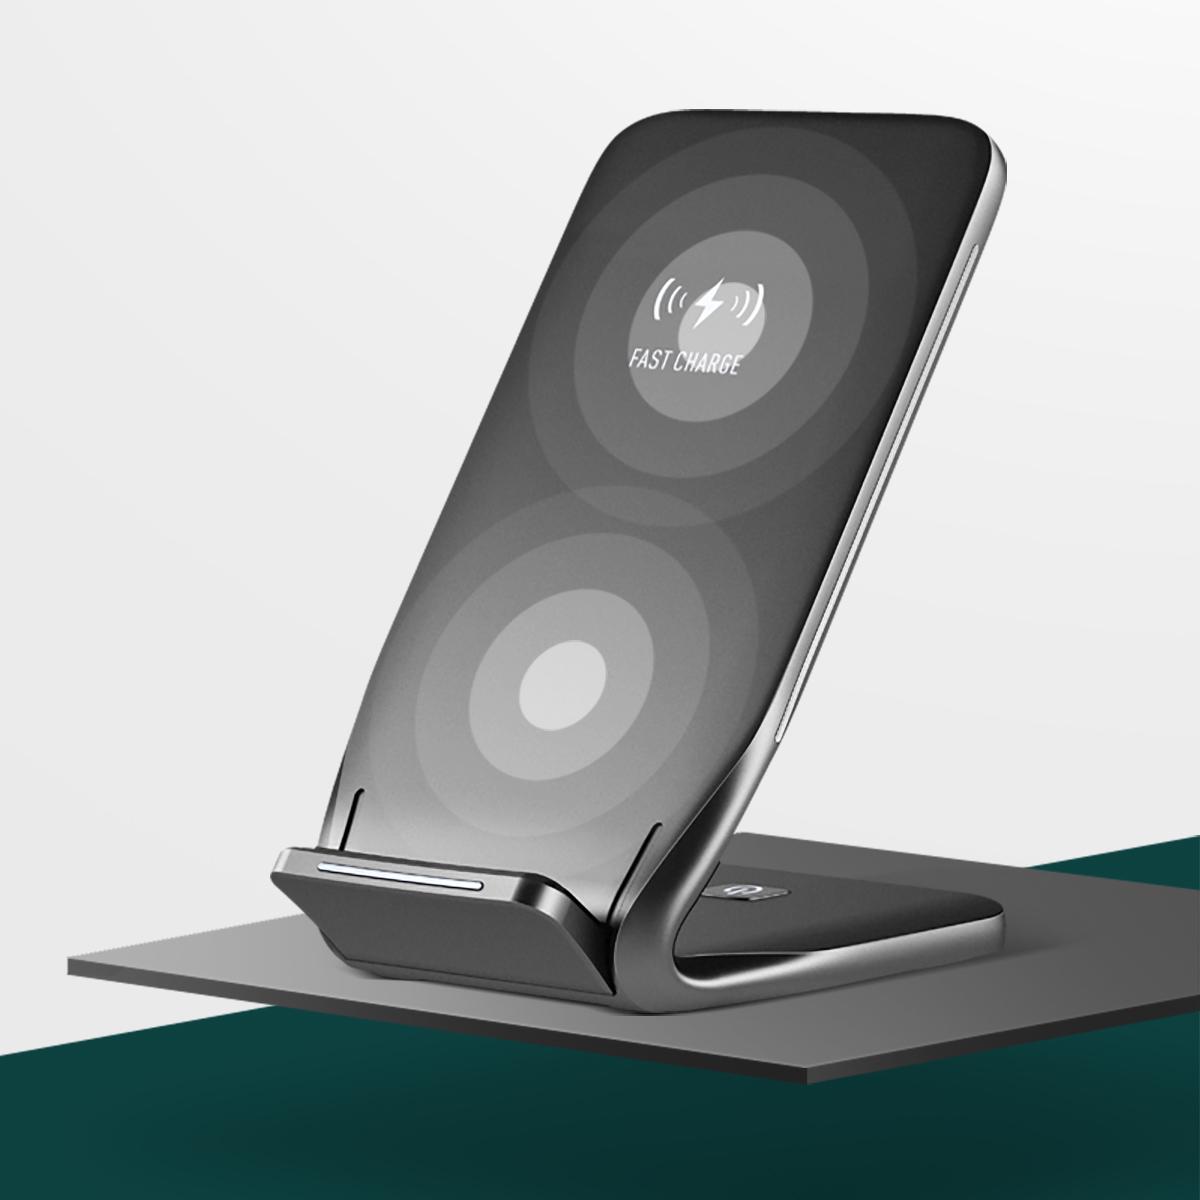 Orico Dual Usb Car Charger 24a For Smartphone Ucl 2u Blackgray Untuk Handphone Dengan Wireless Ini Anda Tidak Perlu Repot Mencolok Kabel Cukup Letakkan Diatas